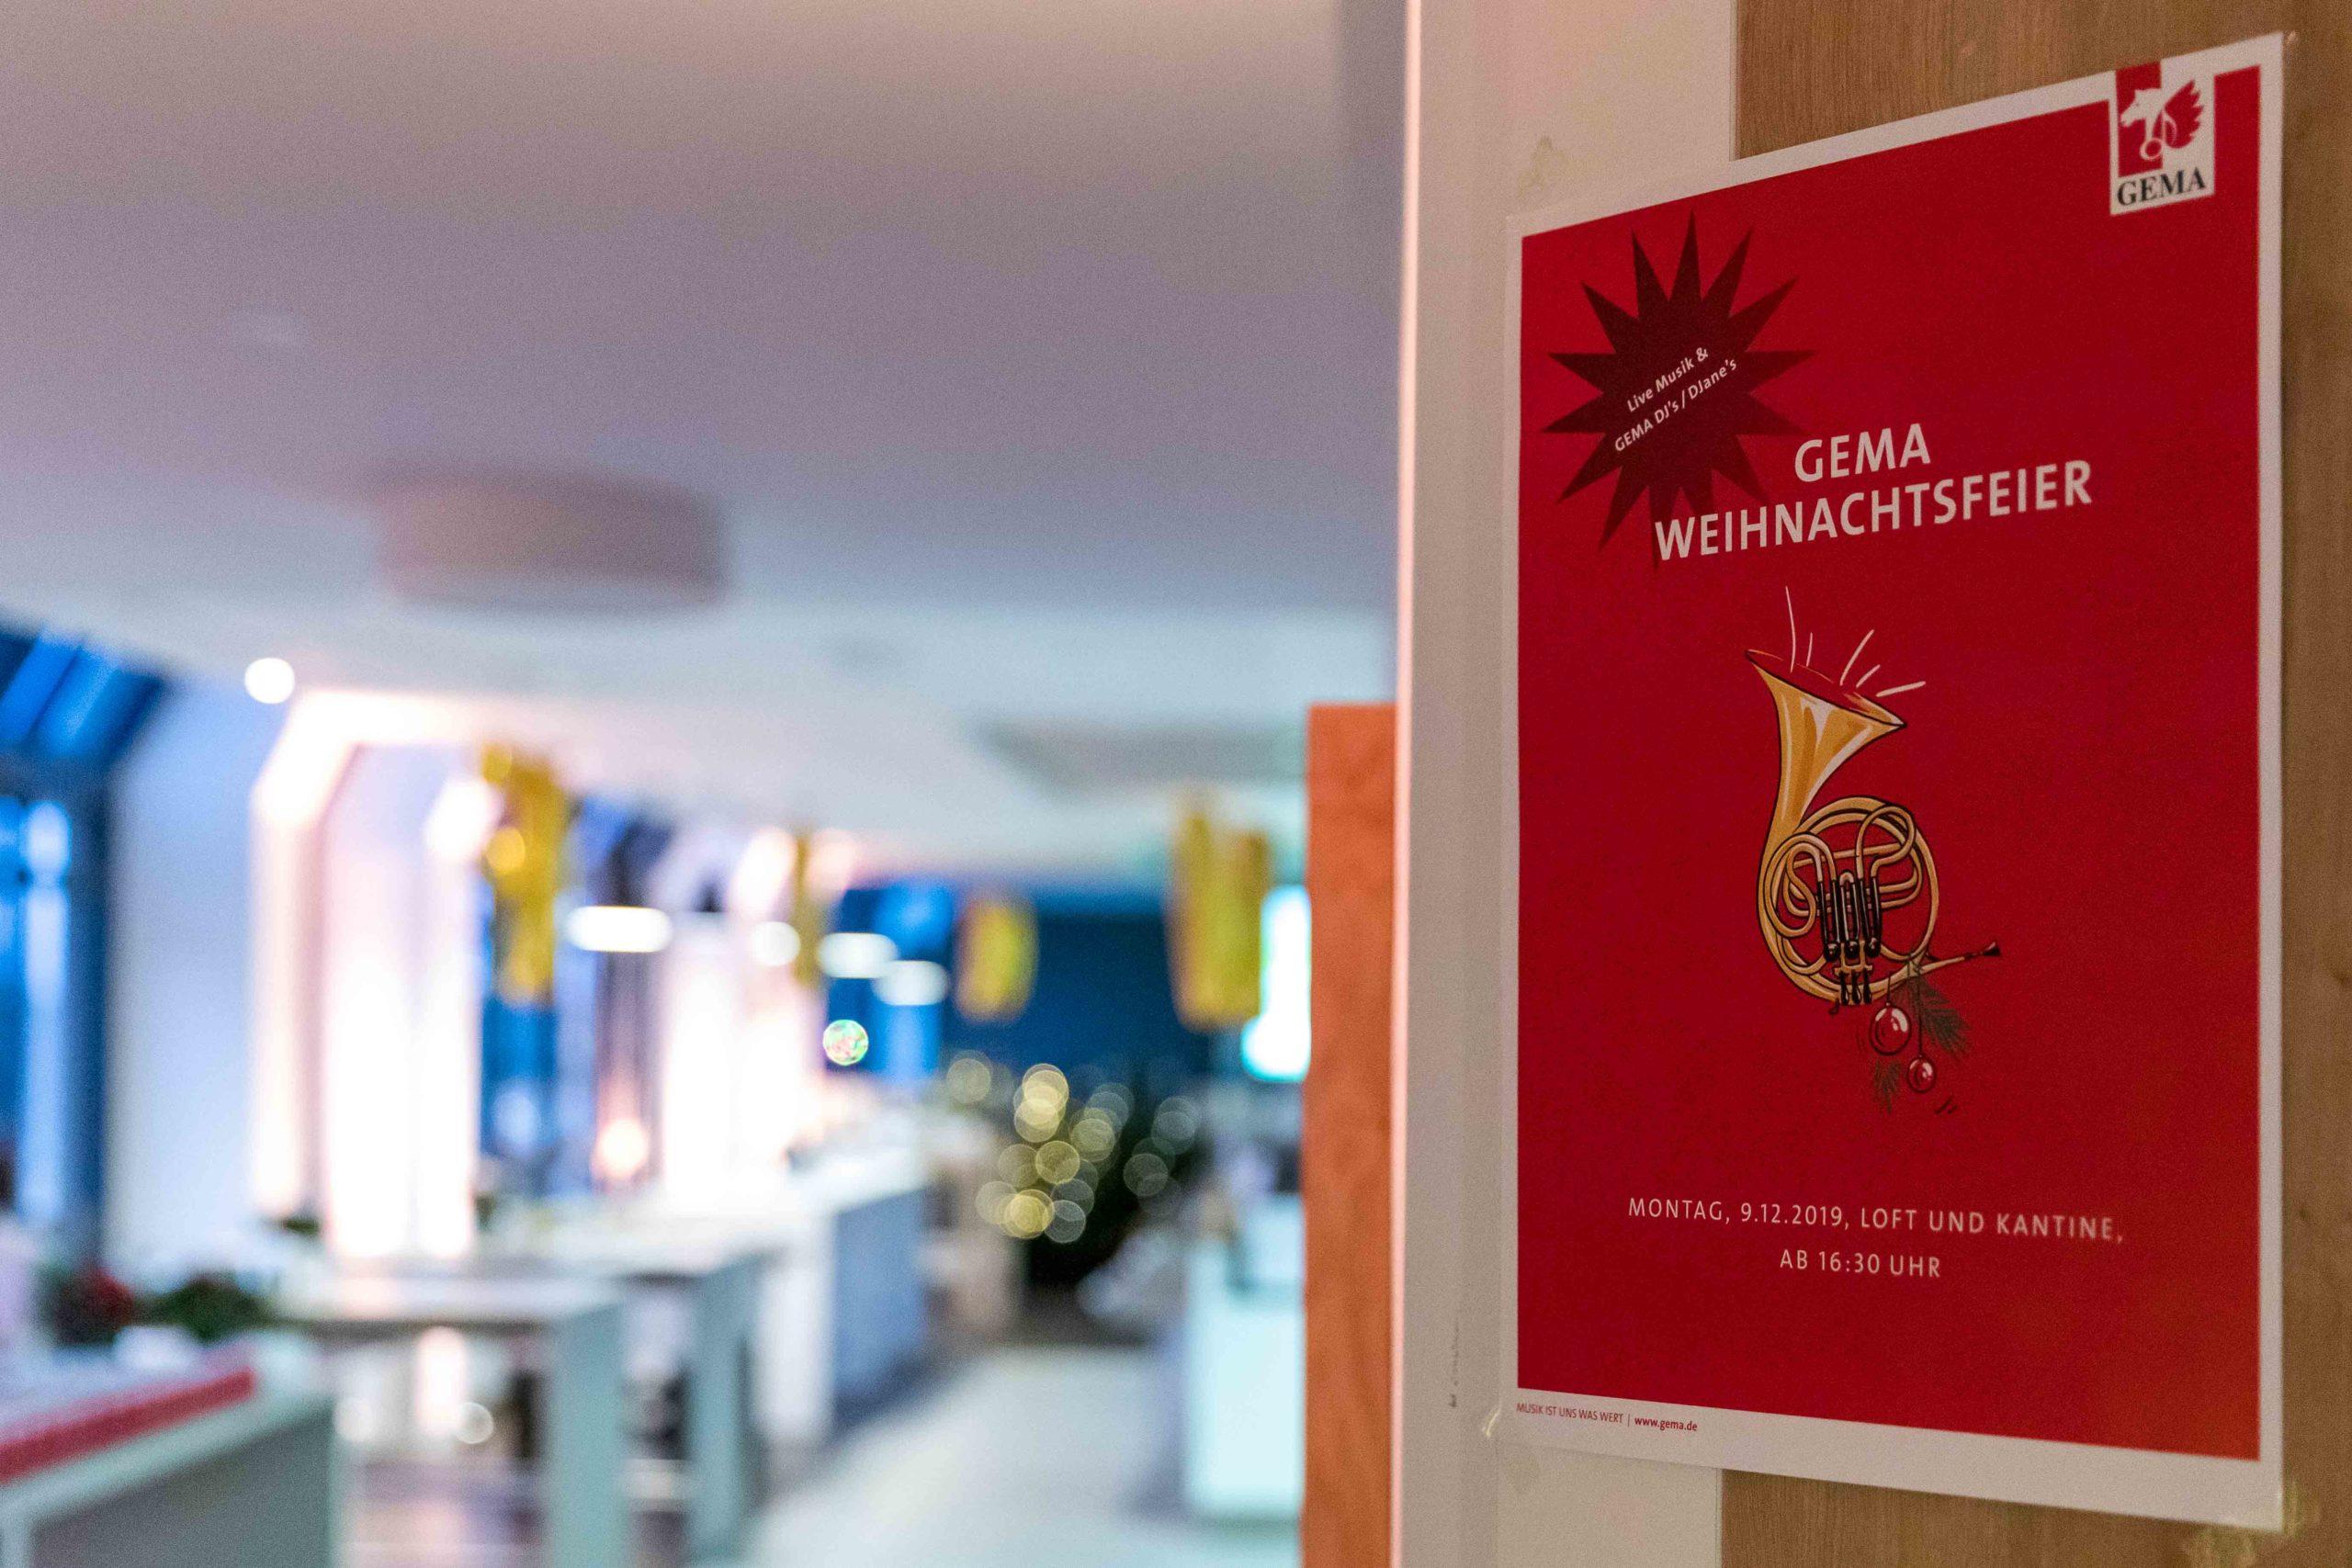 Eventfotografie Events München Anja Richter Fotografie GEMA Weihnachtsfeier 2019-1